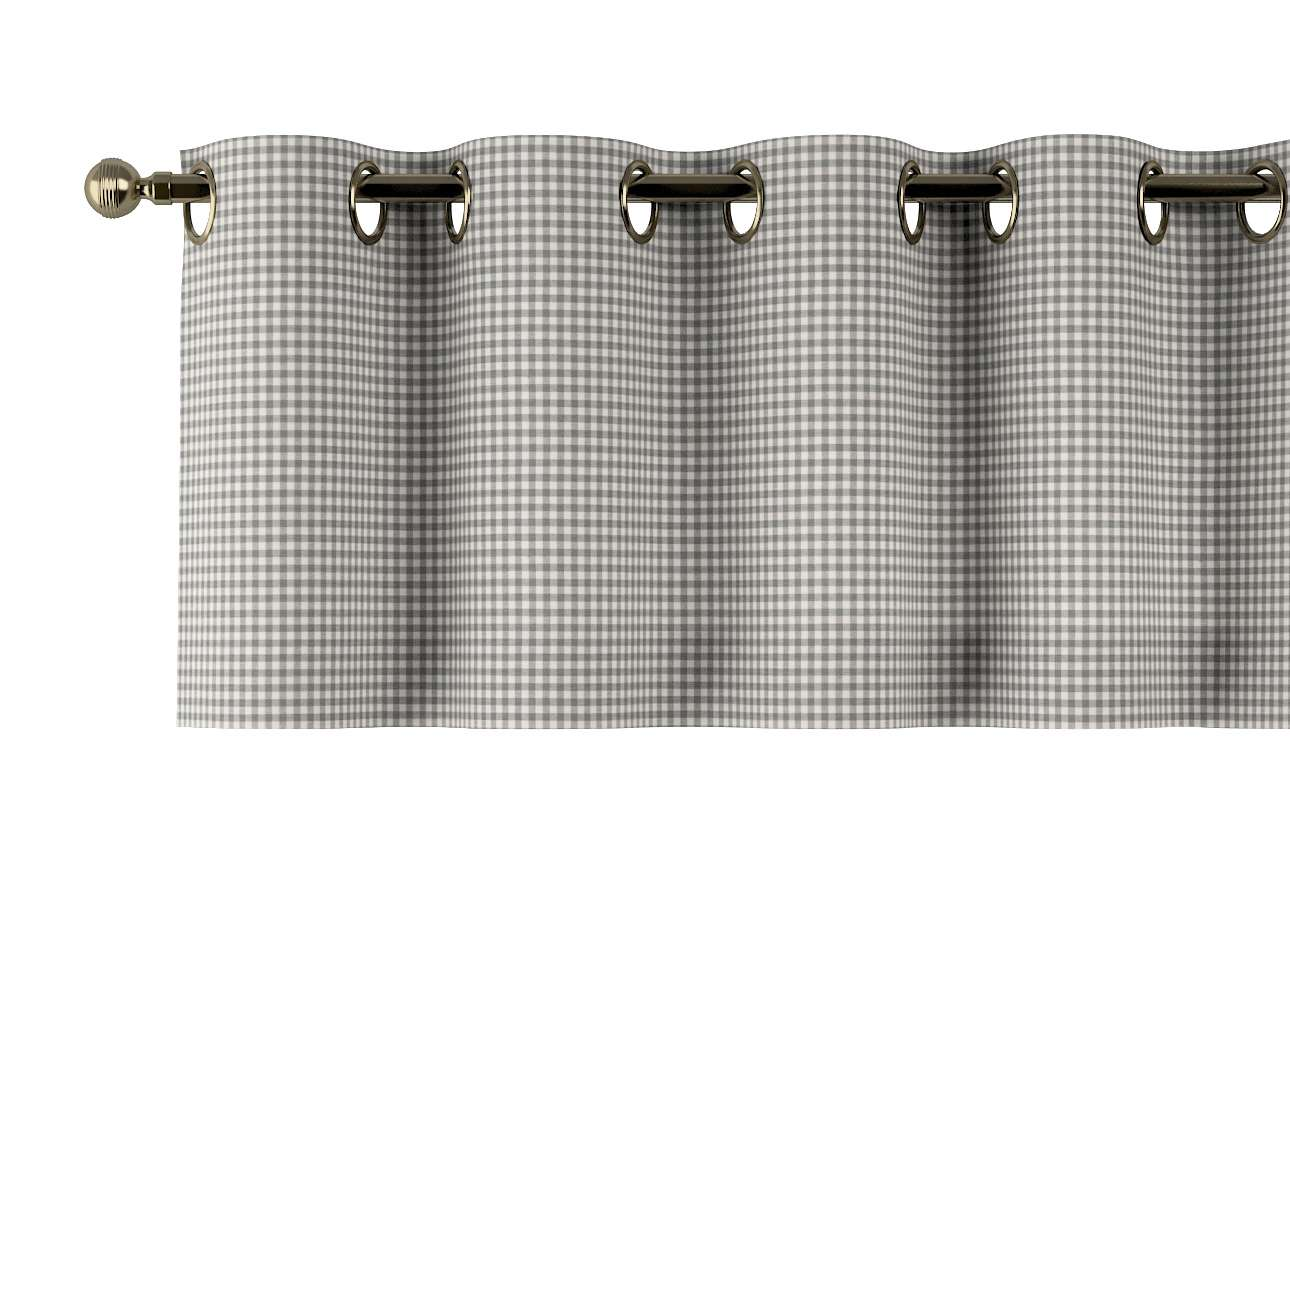 Trumpa užuolaidėlė (lambrekenas) žiedinis klostavimas 130x40cm kolekcijoje Quadro, audinys: 136-10